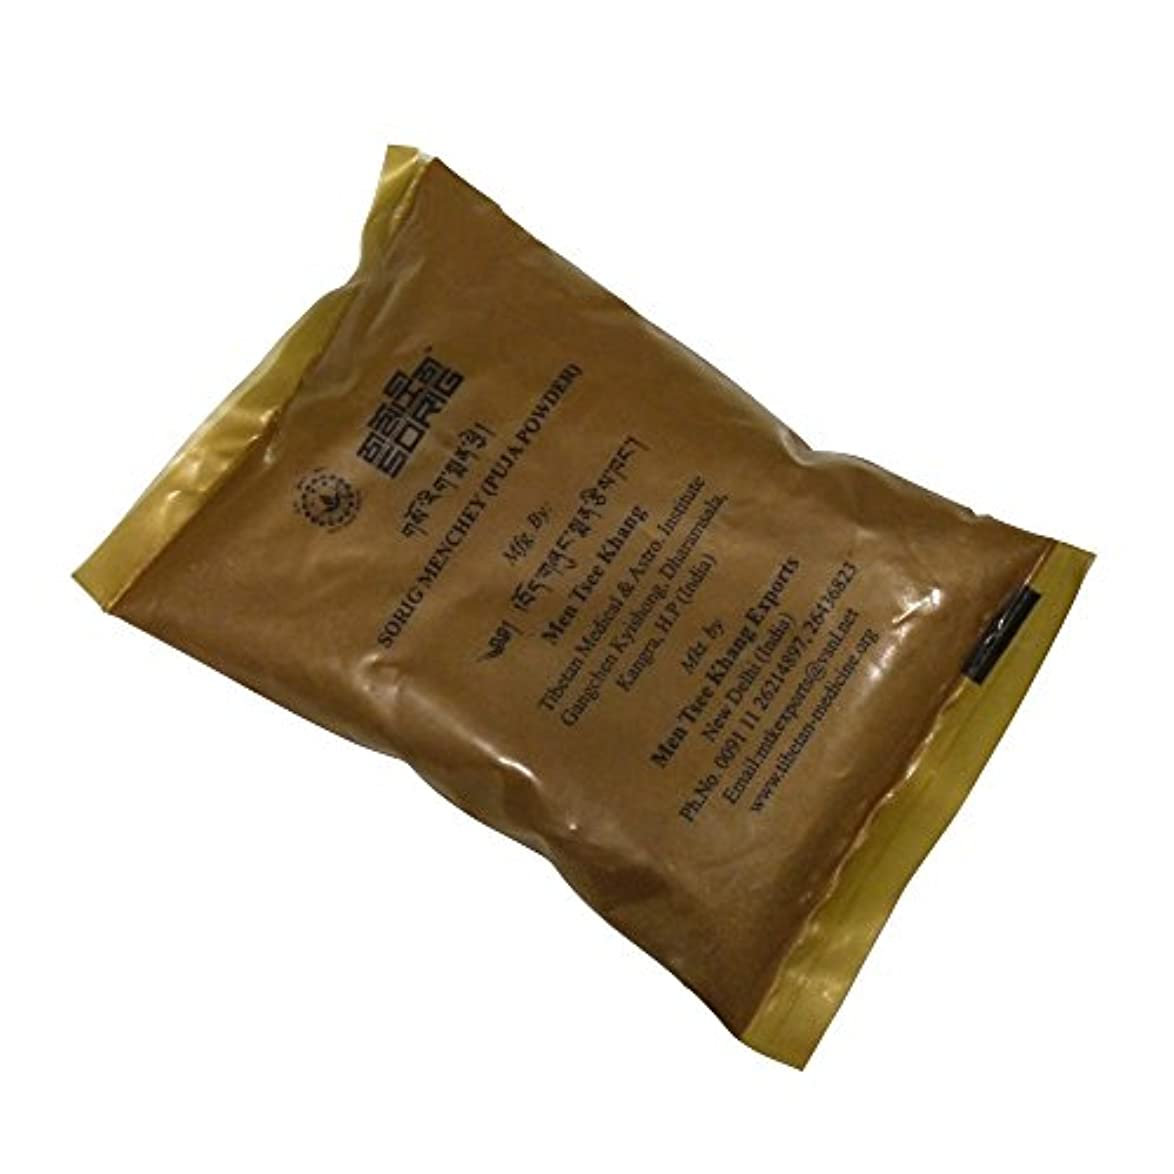 ピラミッド静けさ再生メンツィーカン チベット医学暦法研究所メンツィーカンのお香 ベージュ袋【SORIG MEN-CHEYソリグパウダー】